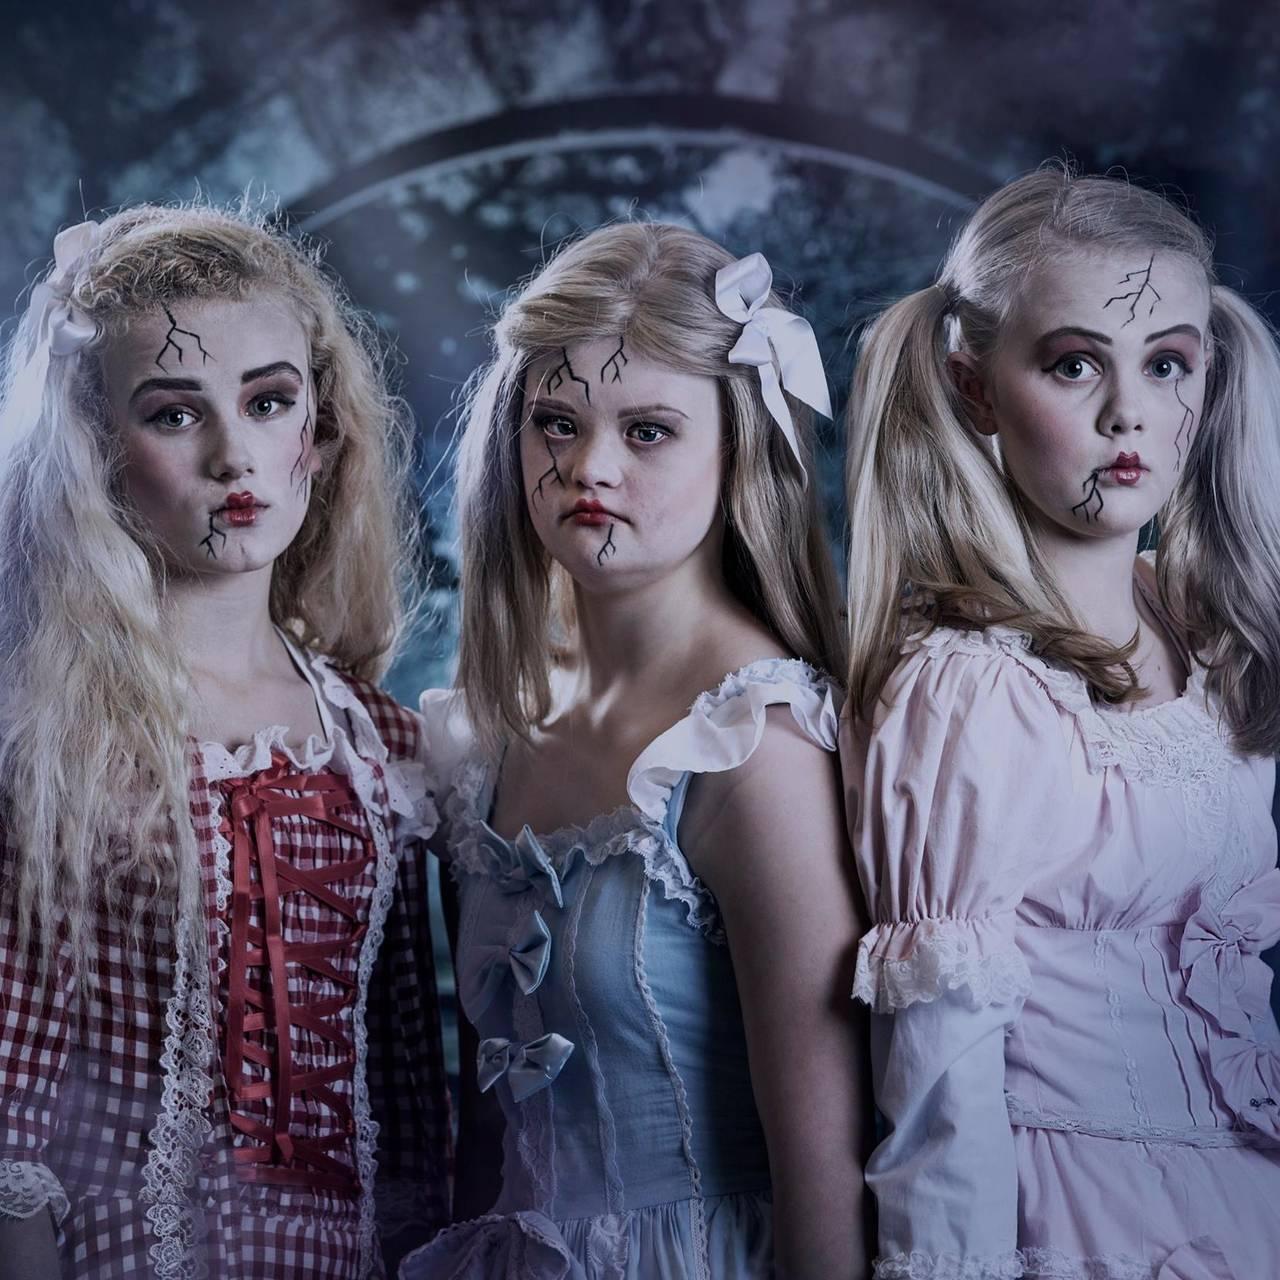 Bentine Borge som porselensdukke i Julens Magi, sammen med Annicka Westerfors Sletten  og Amanda Ask Glenjen.